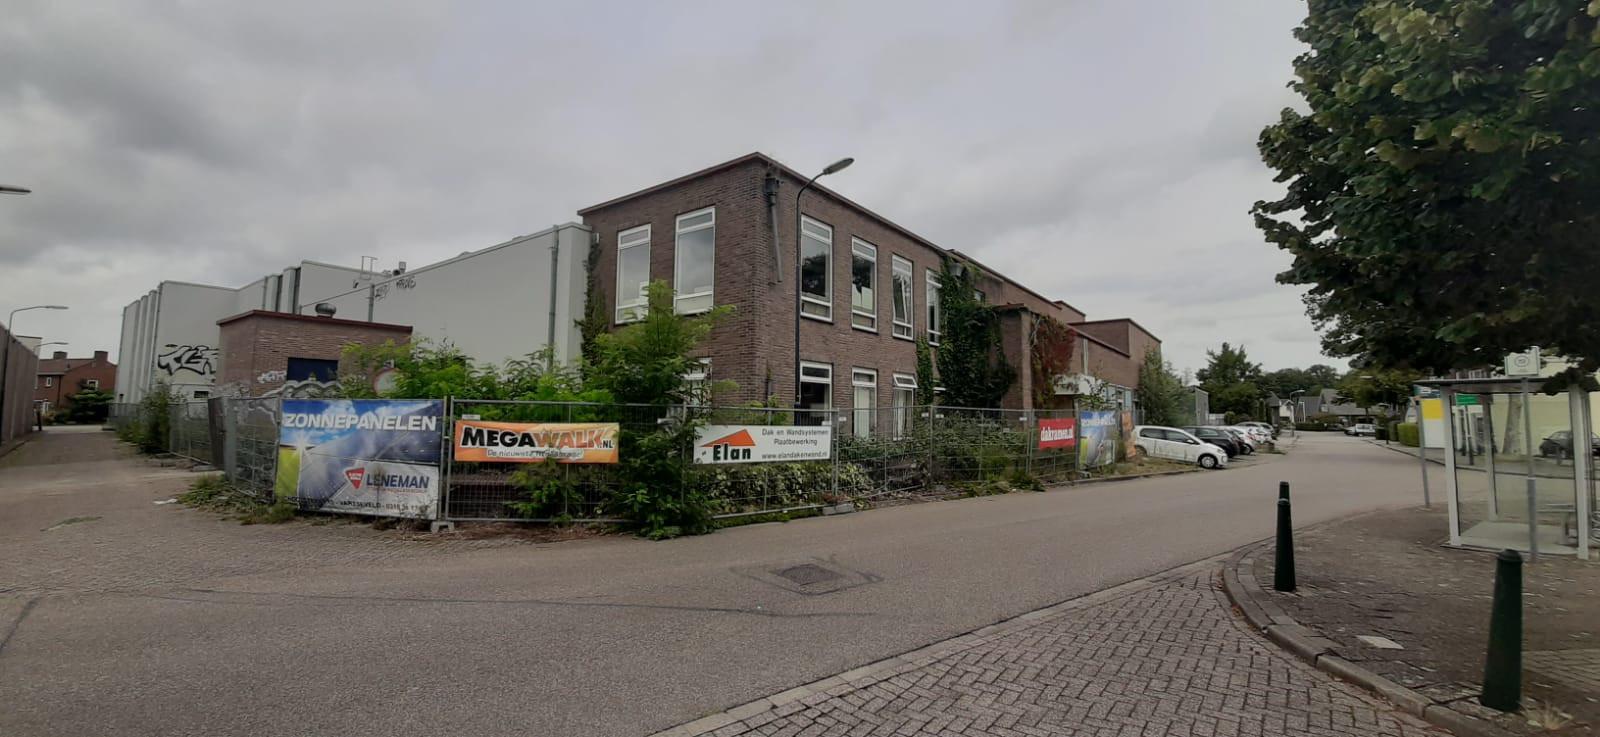 De voormalige zuivelfabriek in Varsseveld.